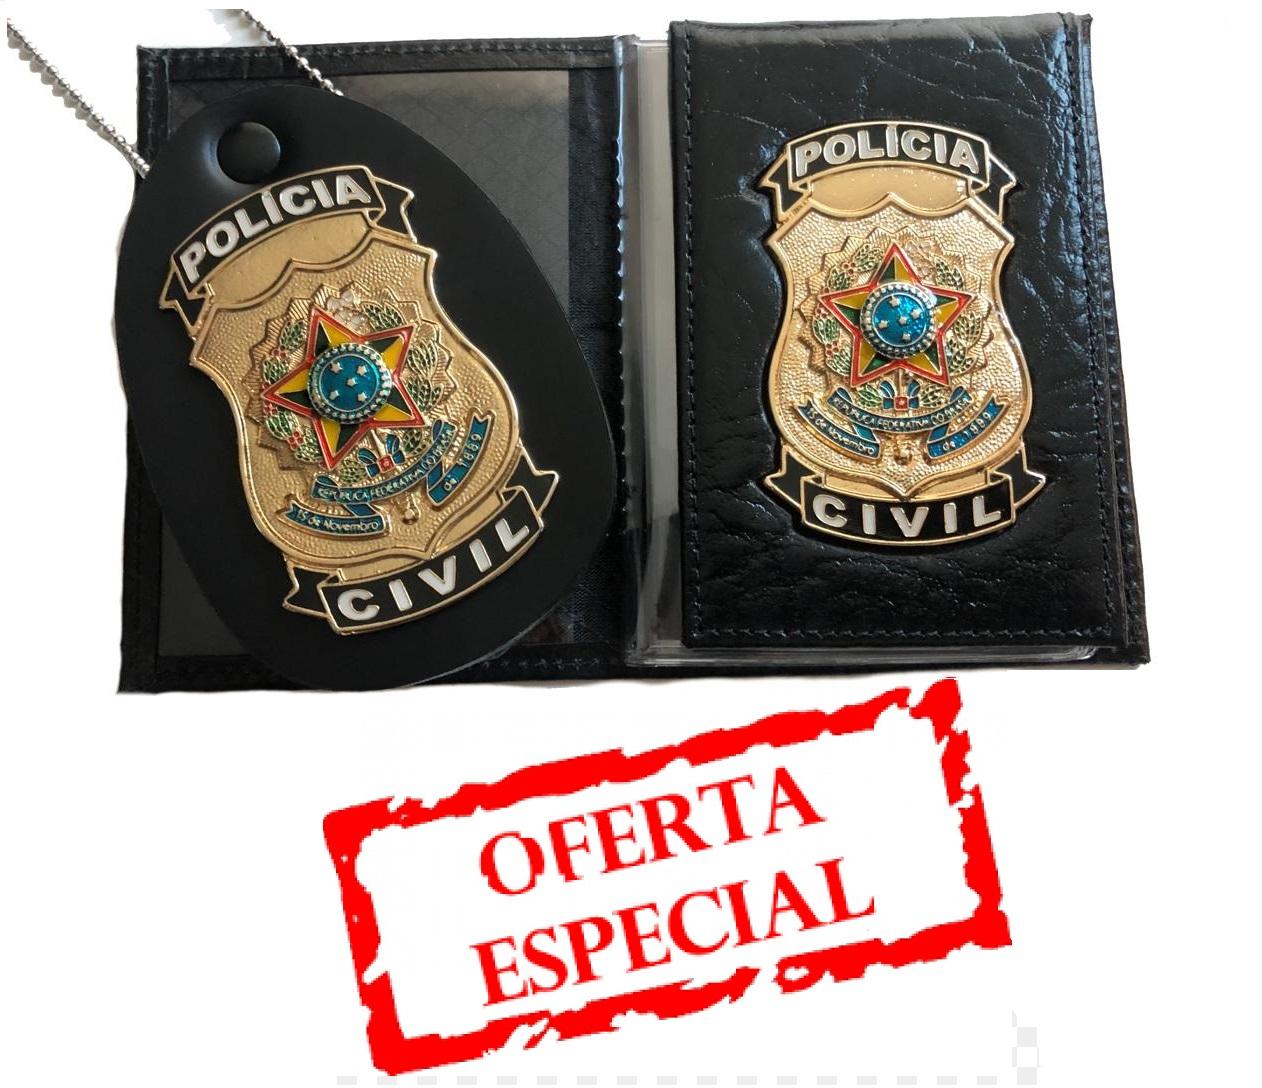 promoÇÃo policia civil - carteira + distintivo